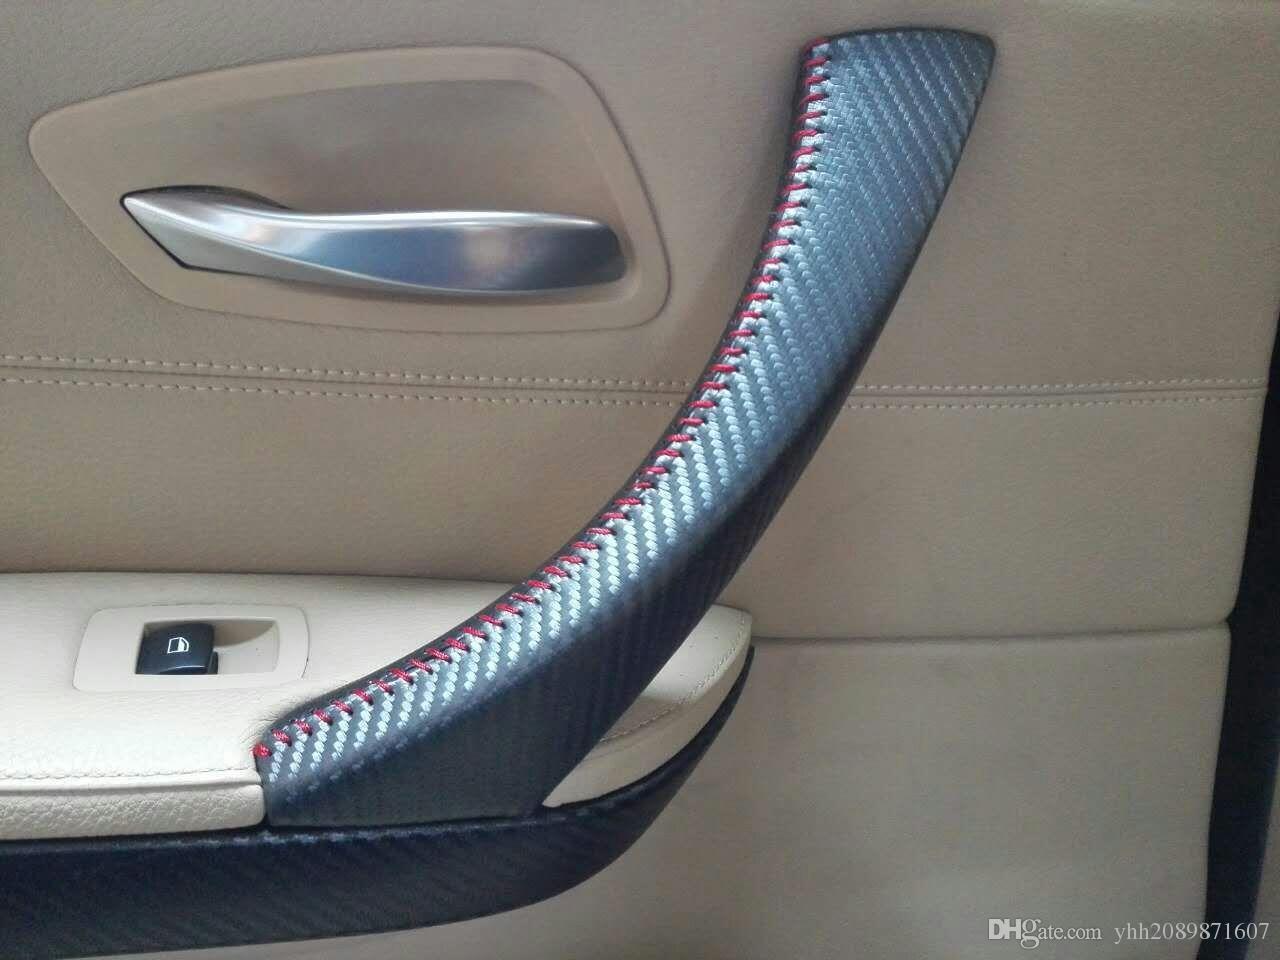 Car Inner Door Handle Trim For Bmw E90 E91 E92 E93/Car Inner Door Handle /  Car Interior Trim For Bmw Series 3 E90 Car Interior Accessories Car Interior  ...